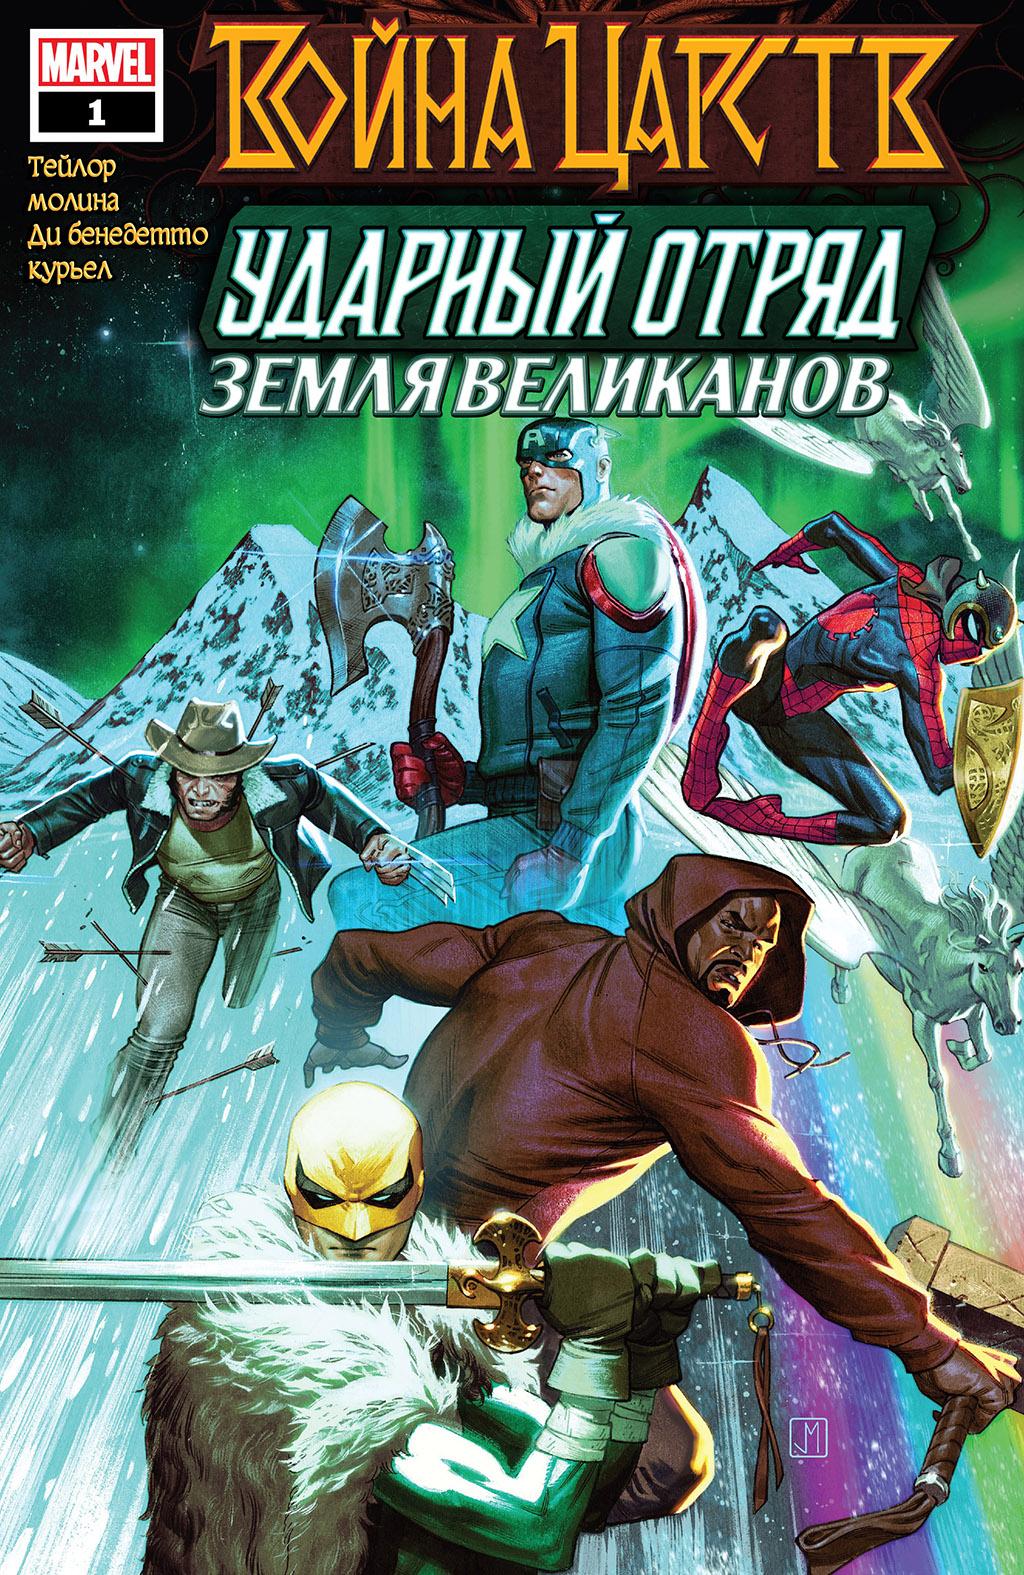 комикс Война Царств - Ударный отряд - Земля Великанов